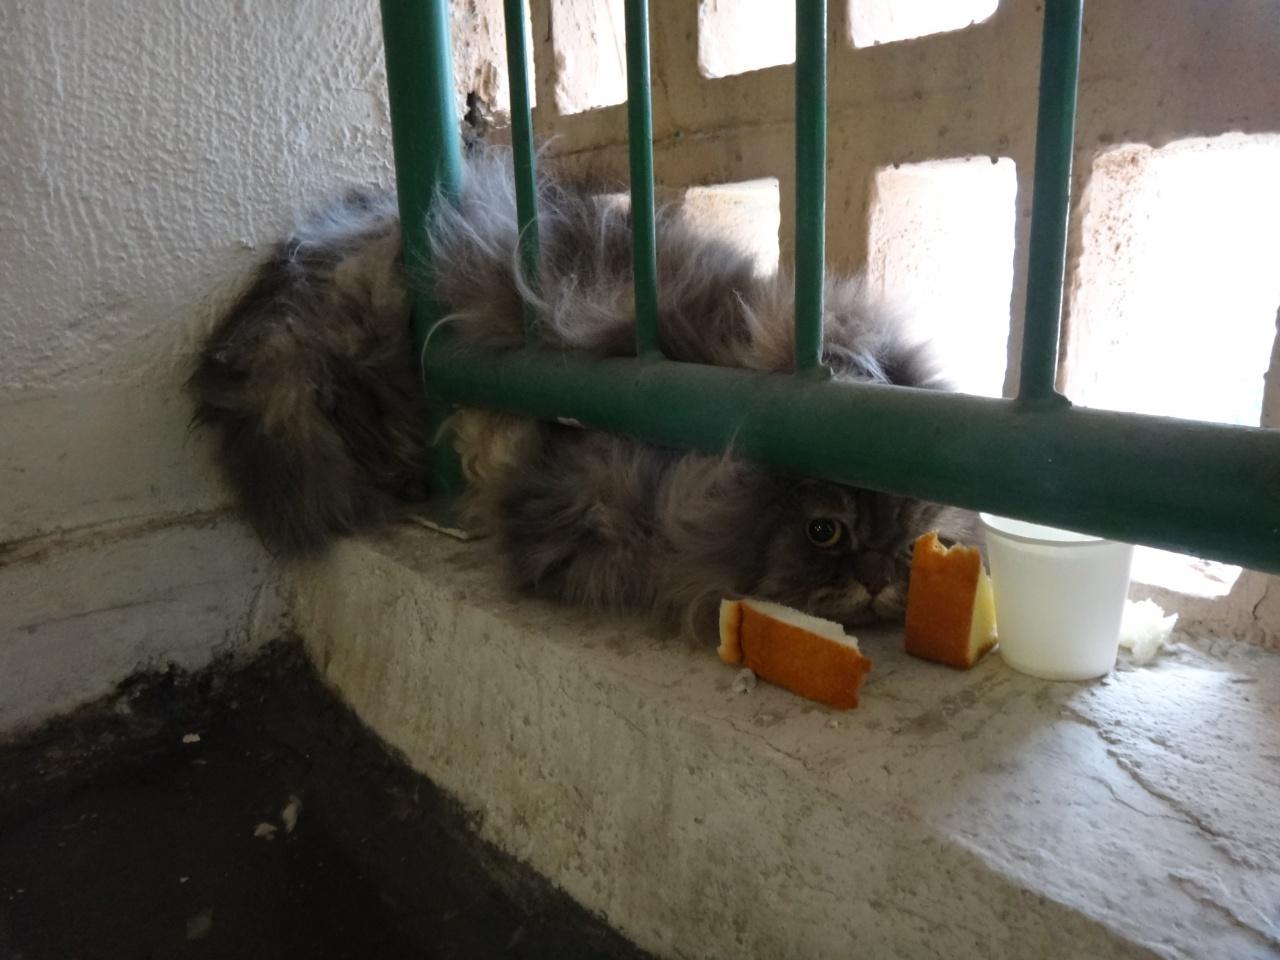 被困於梯間的欄杆與磚窗框之間,如何脫身是好?(SPCA提供)